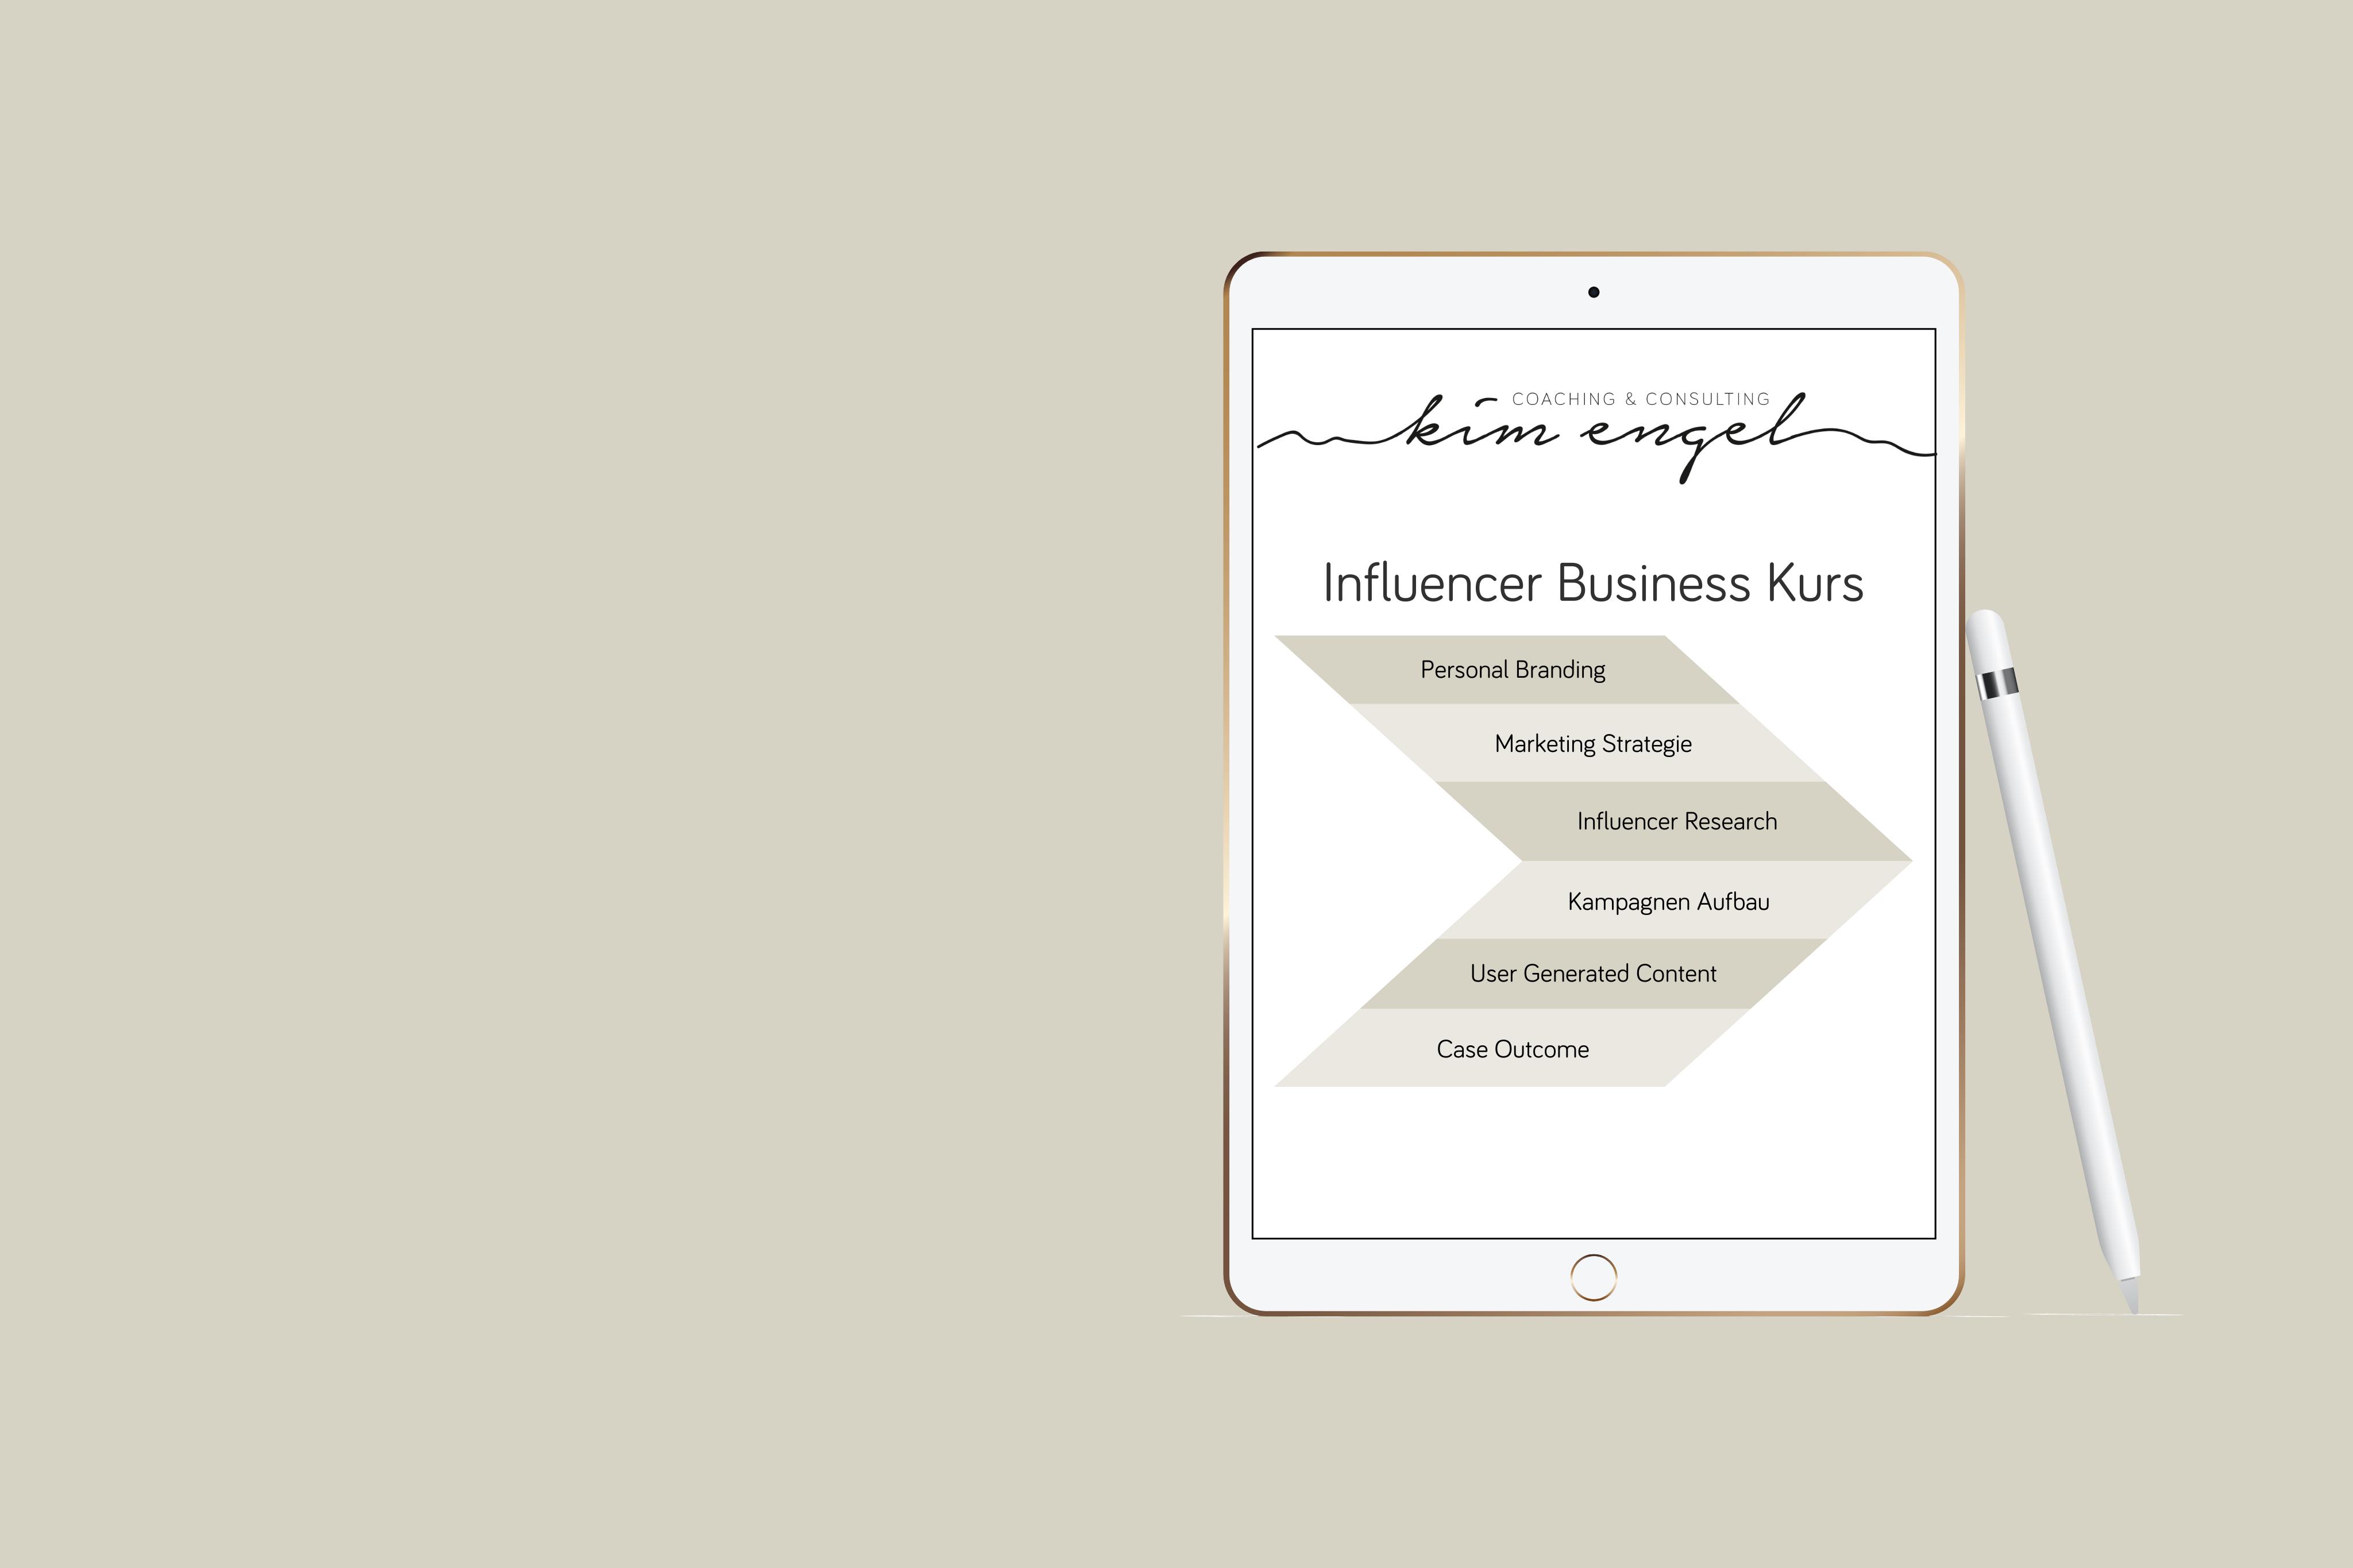 Influencer Business Kurs